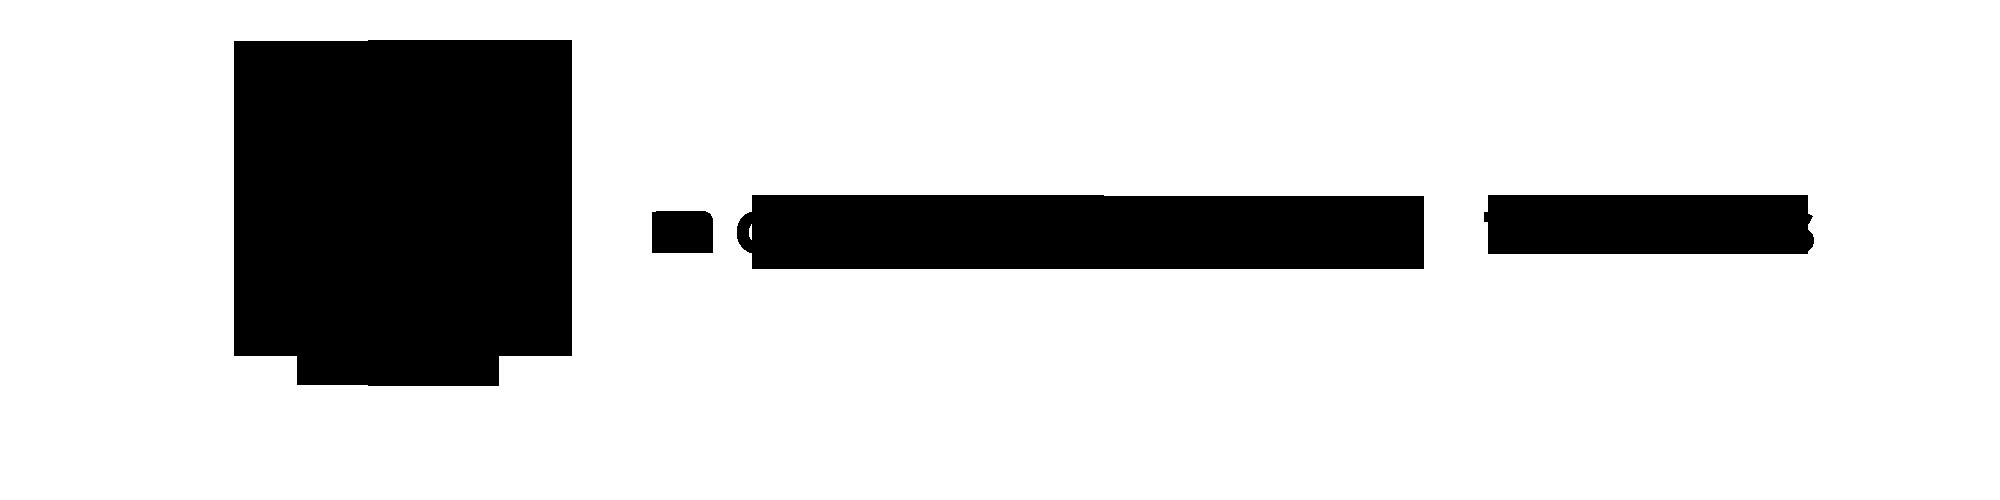 jonathan weber fitness logo